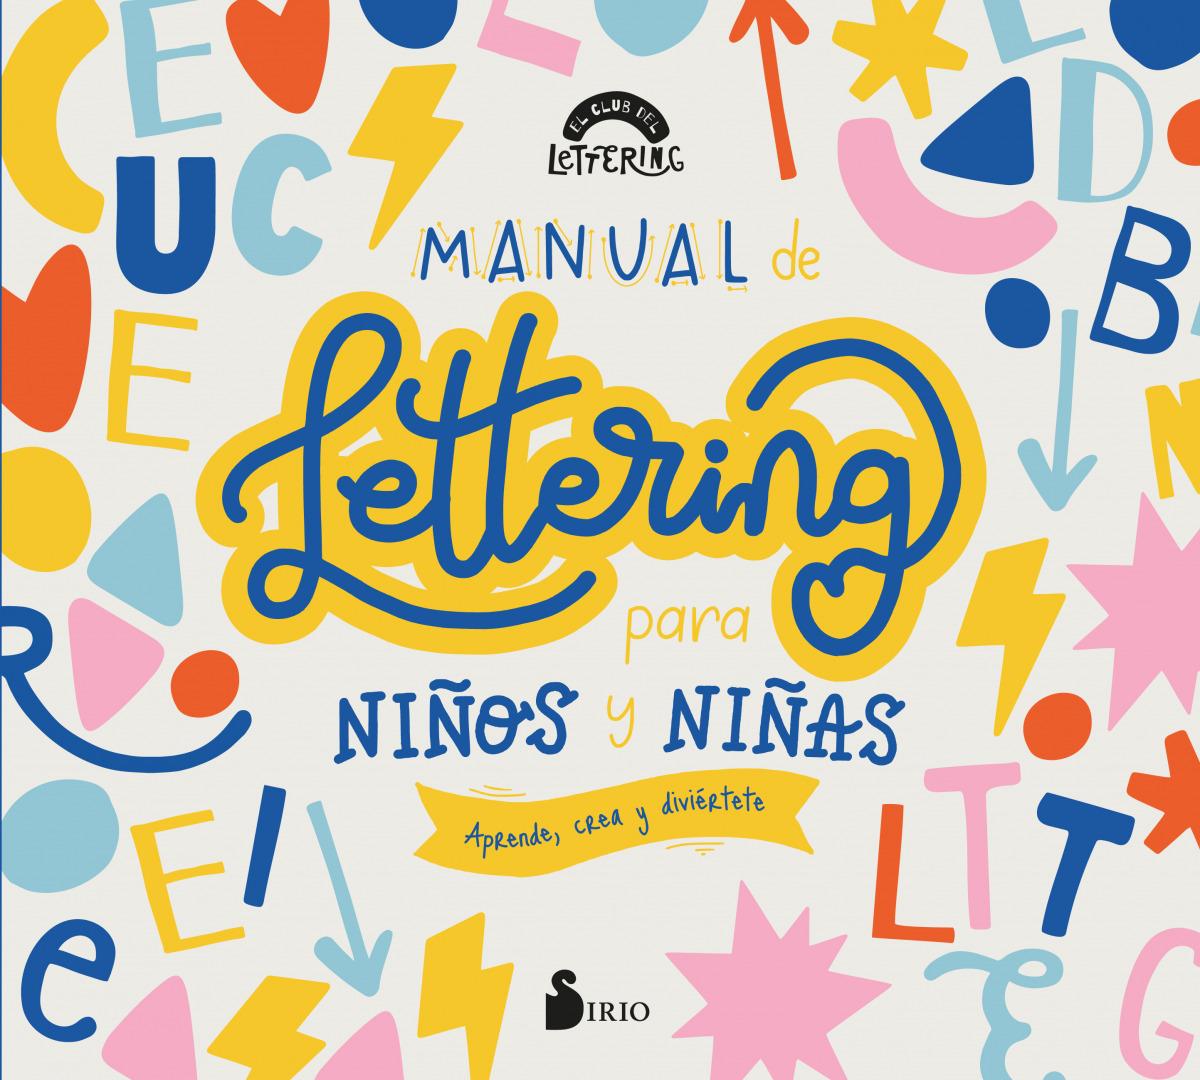 Manual de lettering para niños y niñas